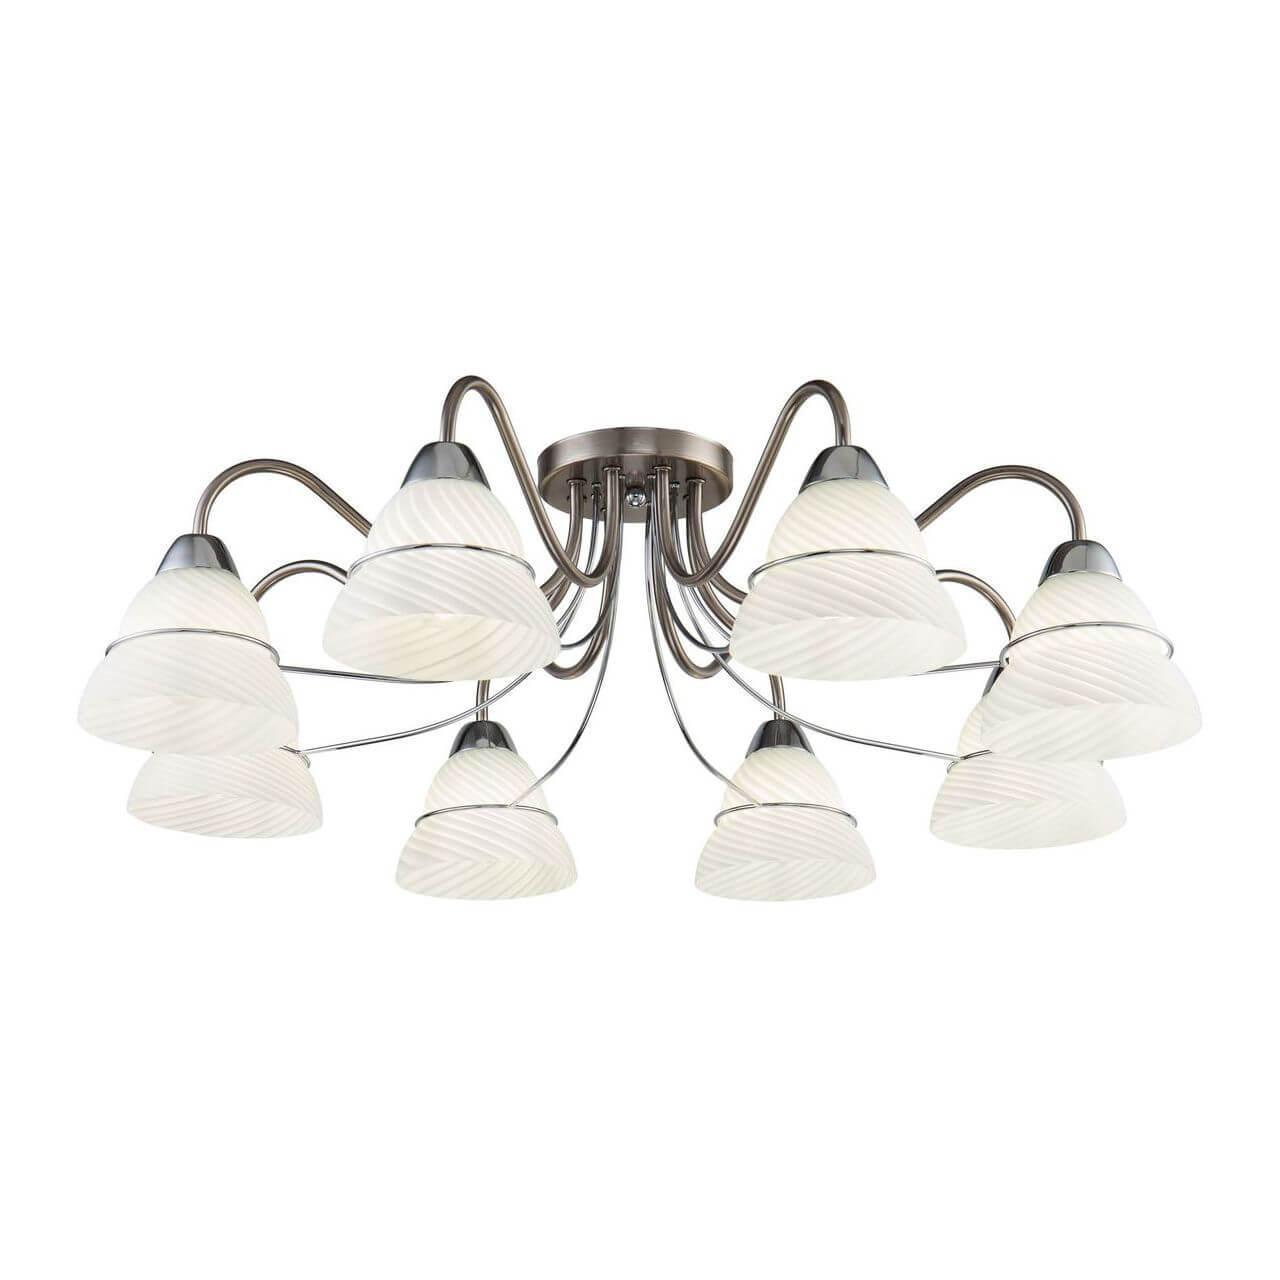 цены на Потолочный светильник Freya FR2013CL-08N, E27, 60 Вт  в интернет-магазинах